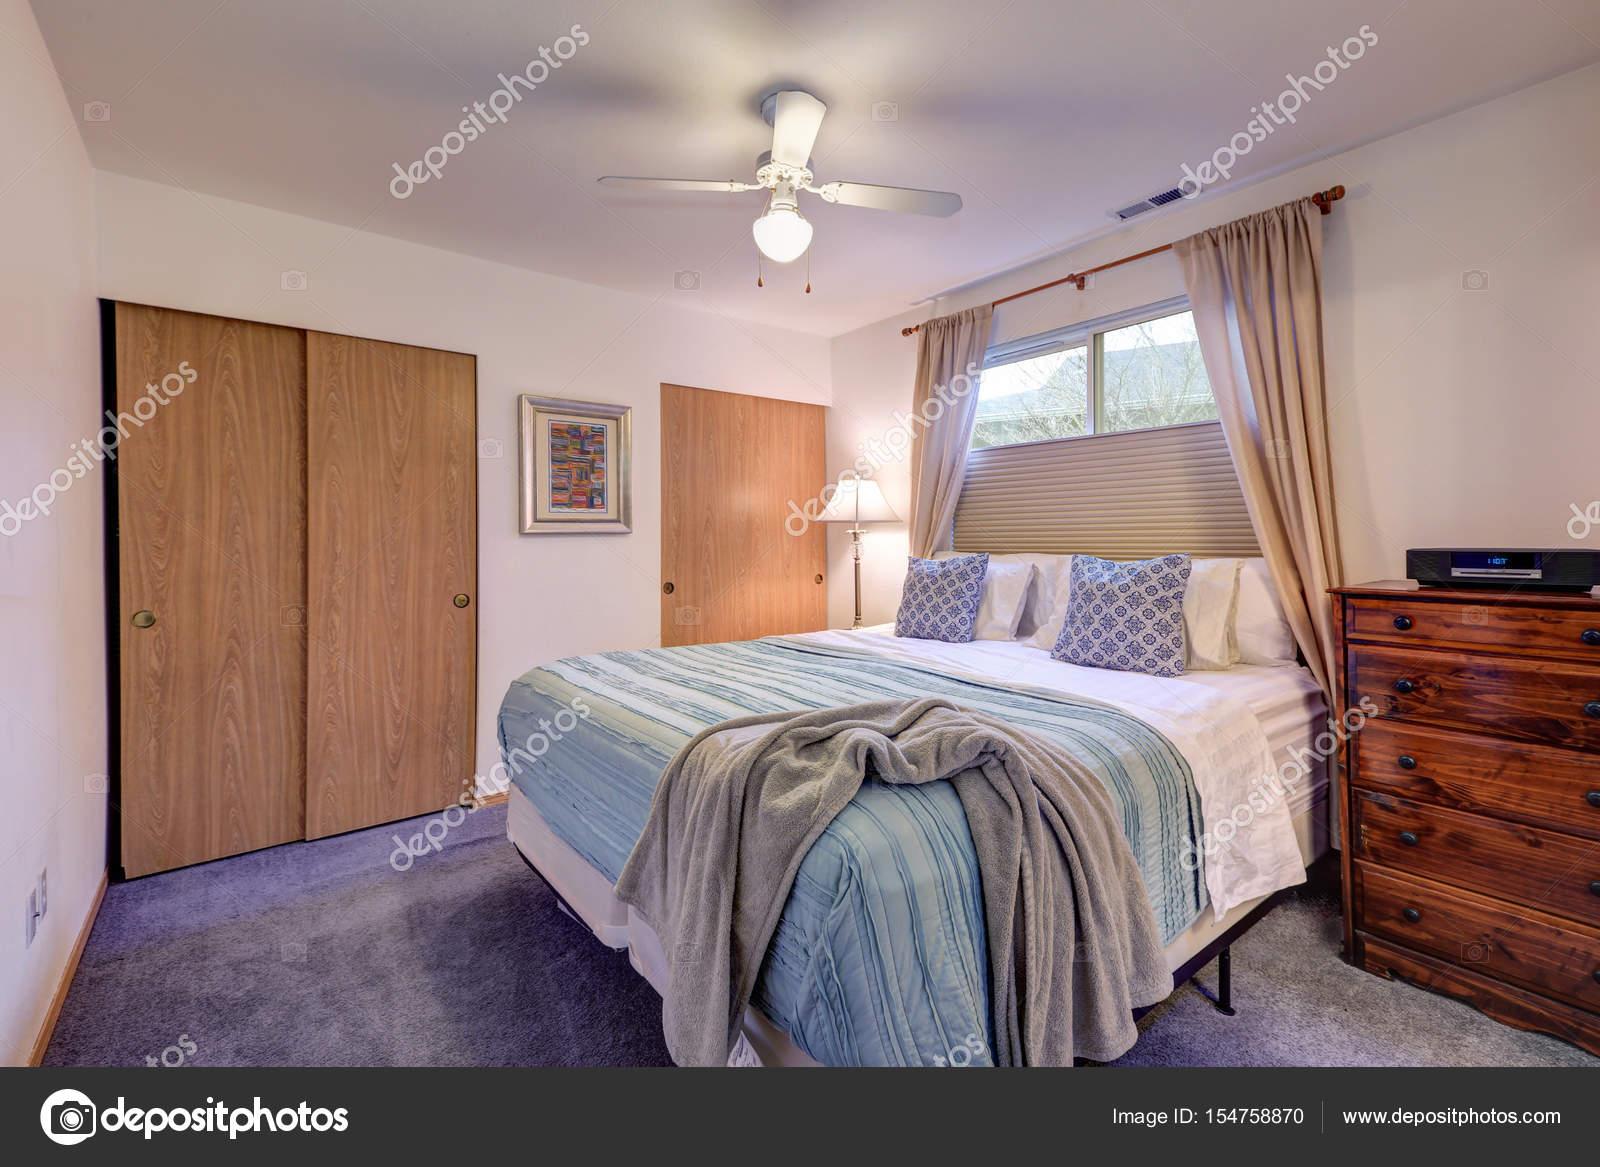 Een Rustgevende Slaapkamer : Rustgevende slaapkamer ontzagwekkende slaapkamer verlichting thema